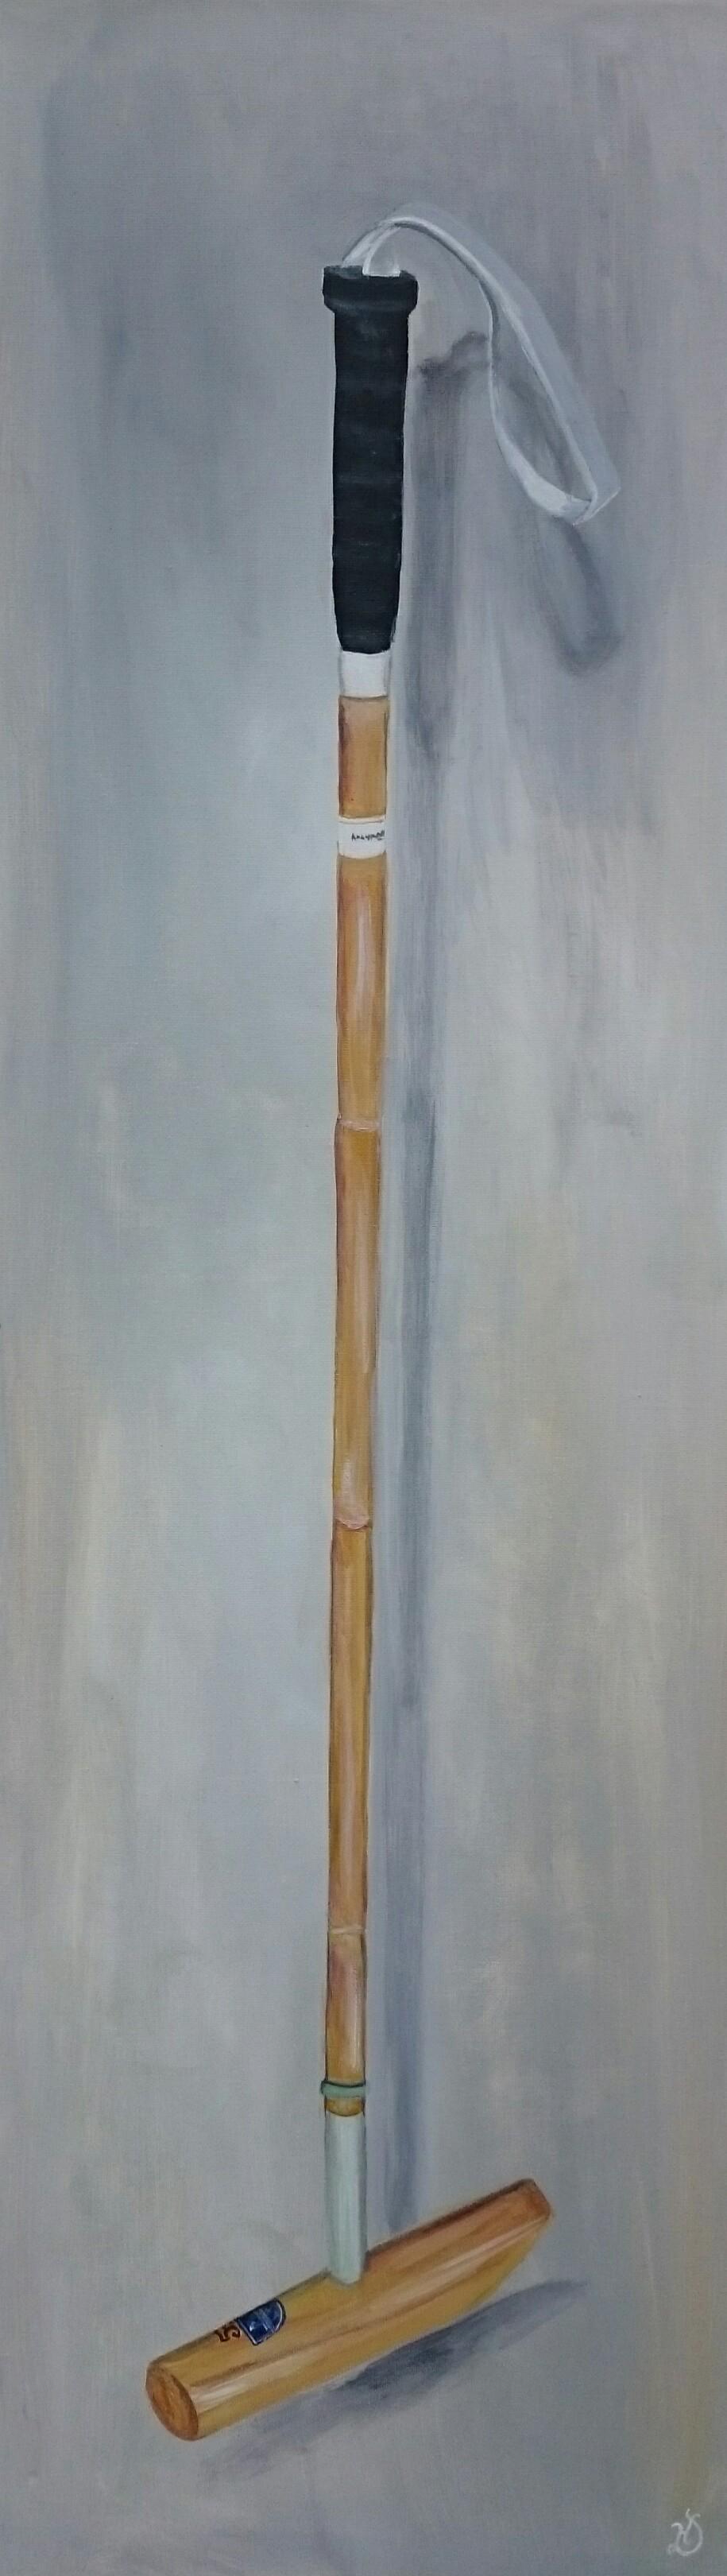 30 x 100 cm